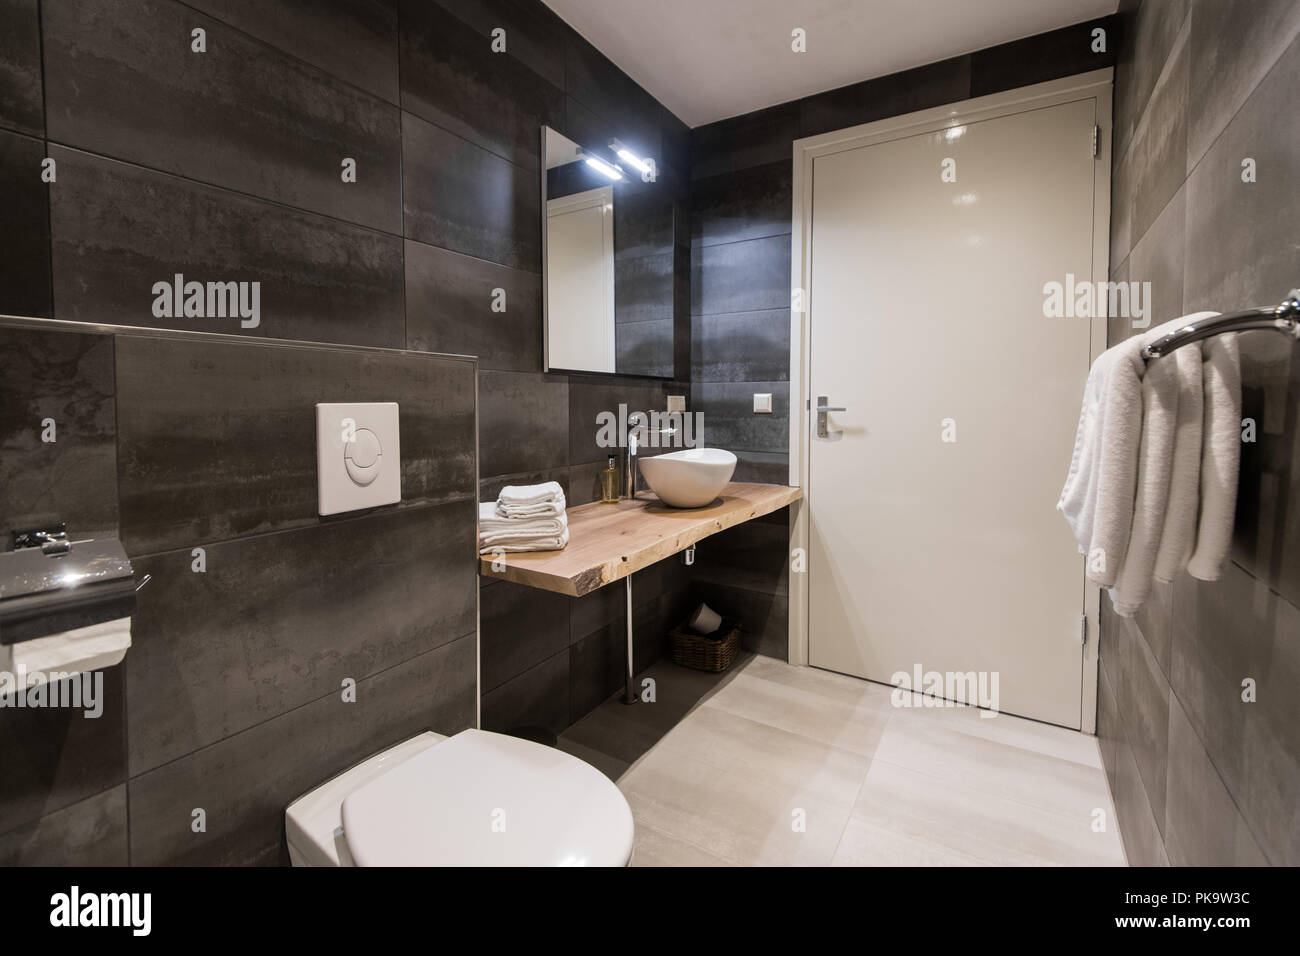 Moderne Badezimmer Fliesen  Mit Der Weißen Und Grauen Fliesen. Es Ist Ein  Weißes Waschbecken Mit Zubehör, Großem Spiegel, Handtuchhalter, Wc, ...